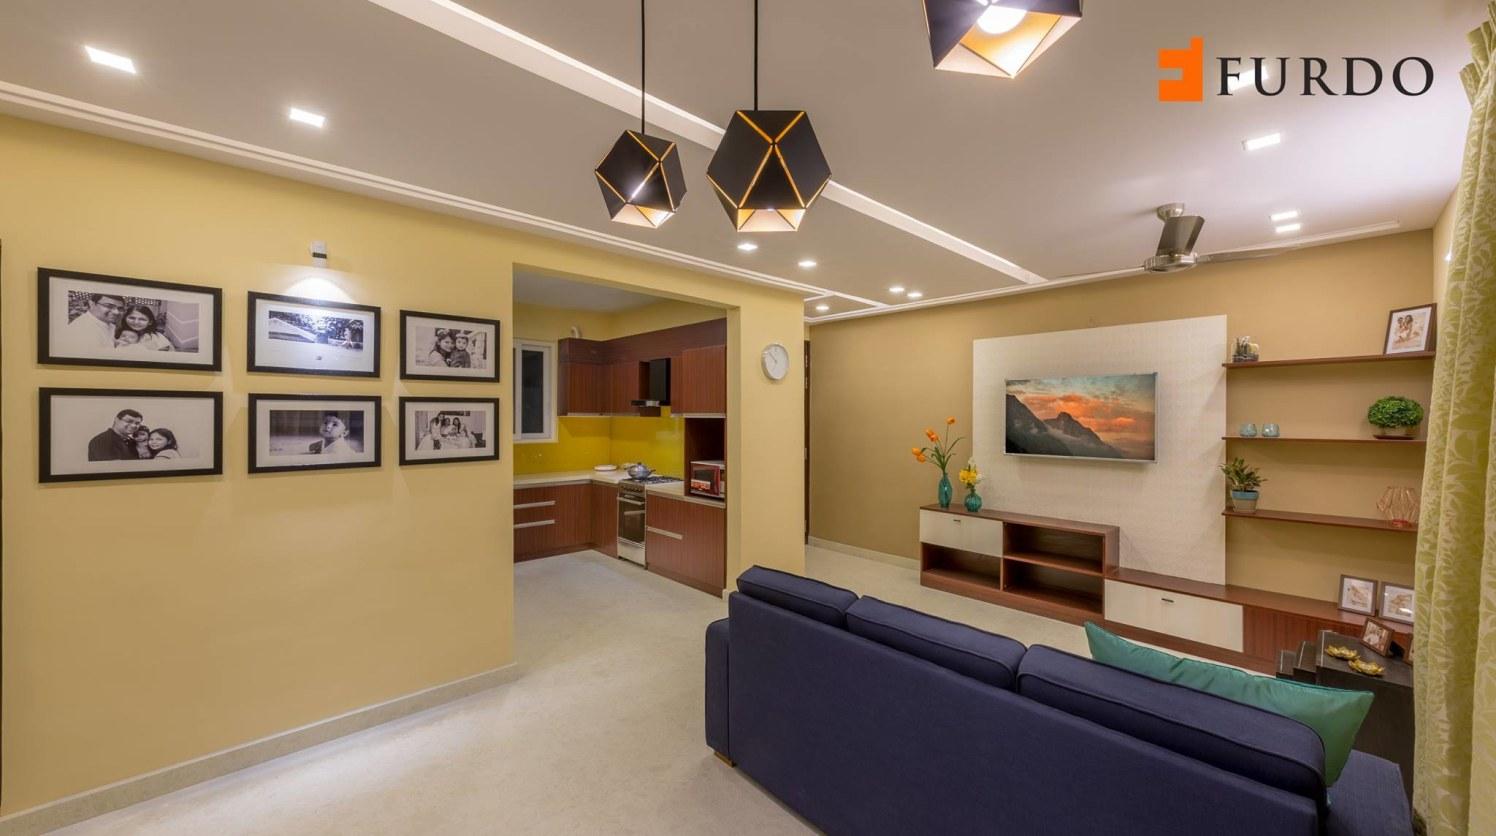 Living Room With Marble Flooring by Furdo.com Living-room Contemporary | Interior Design Photos & Ideas